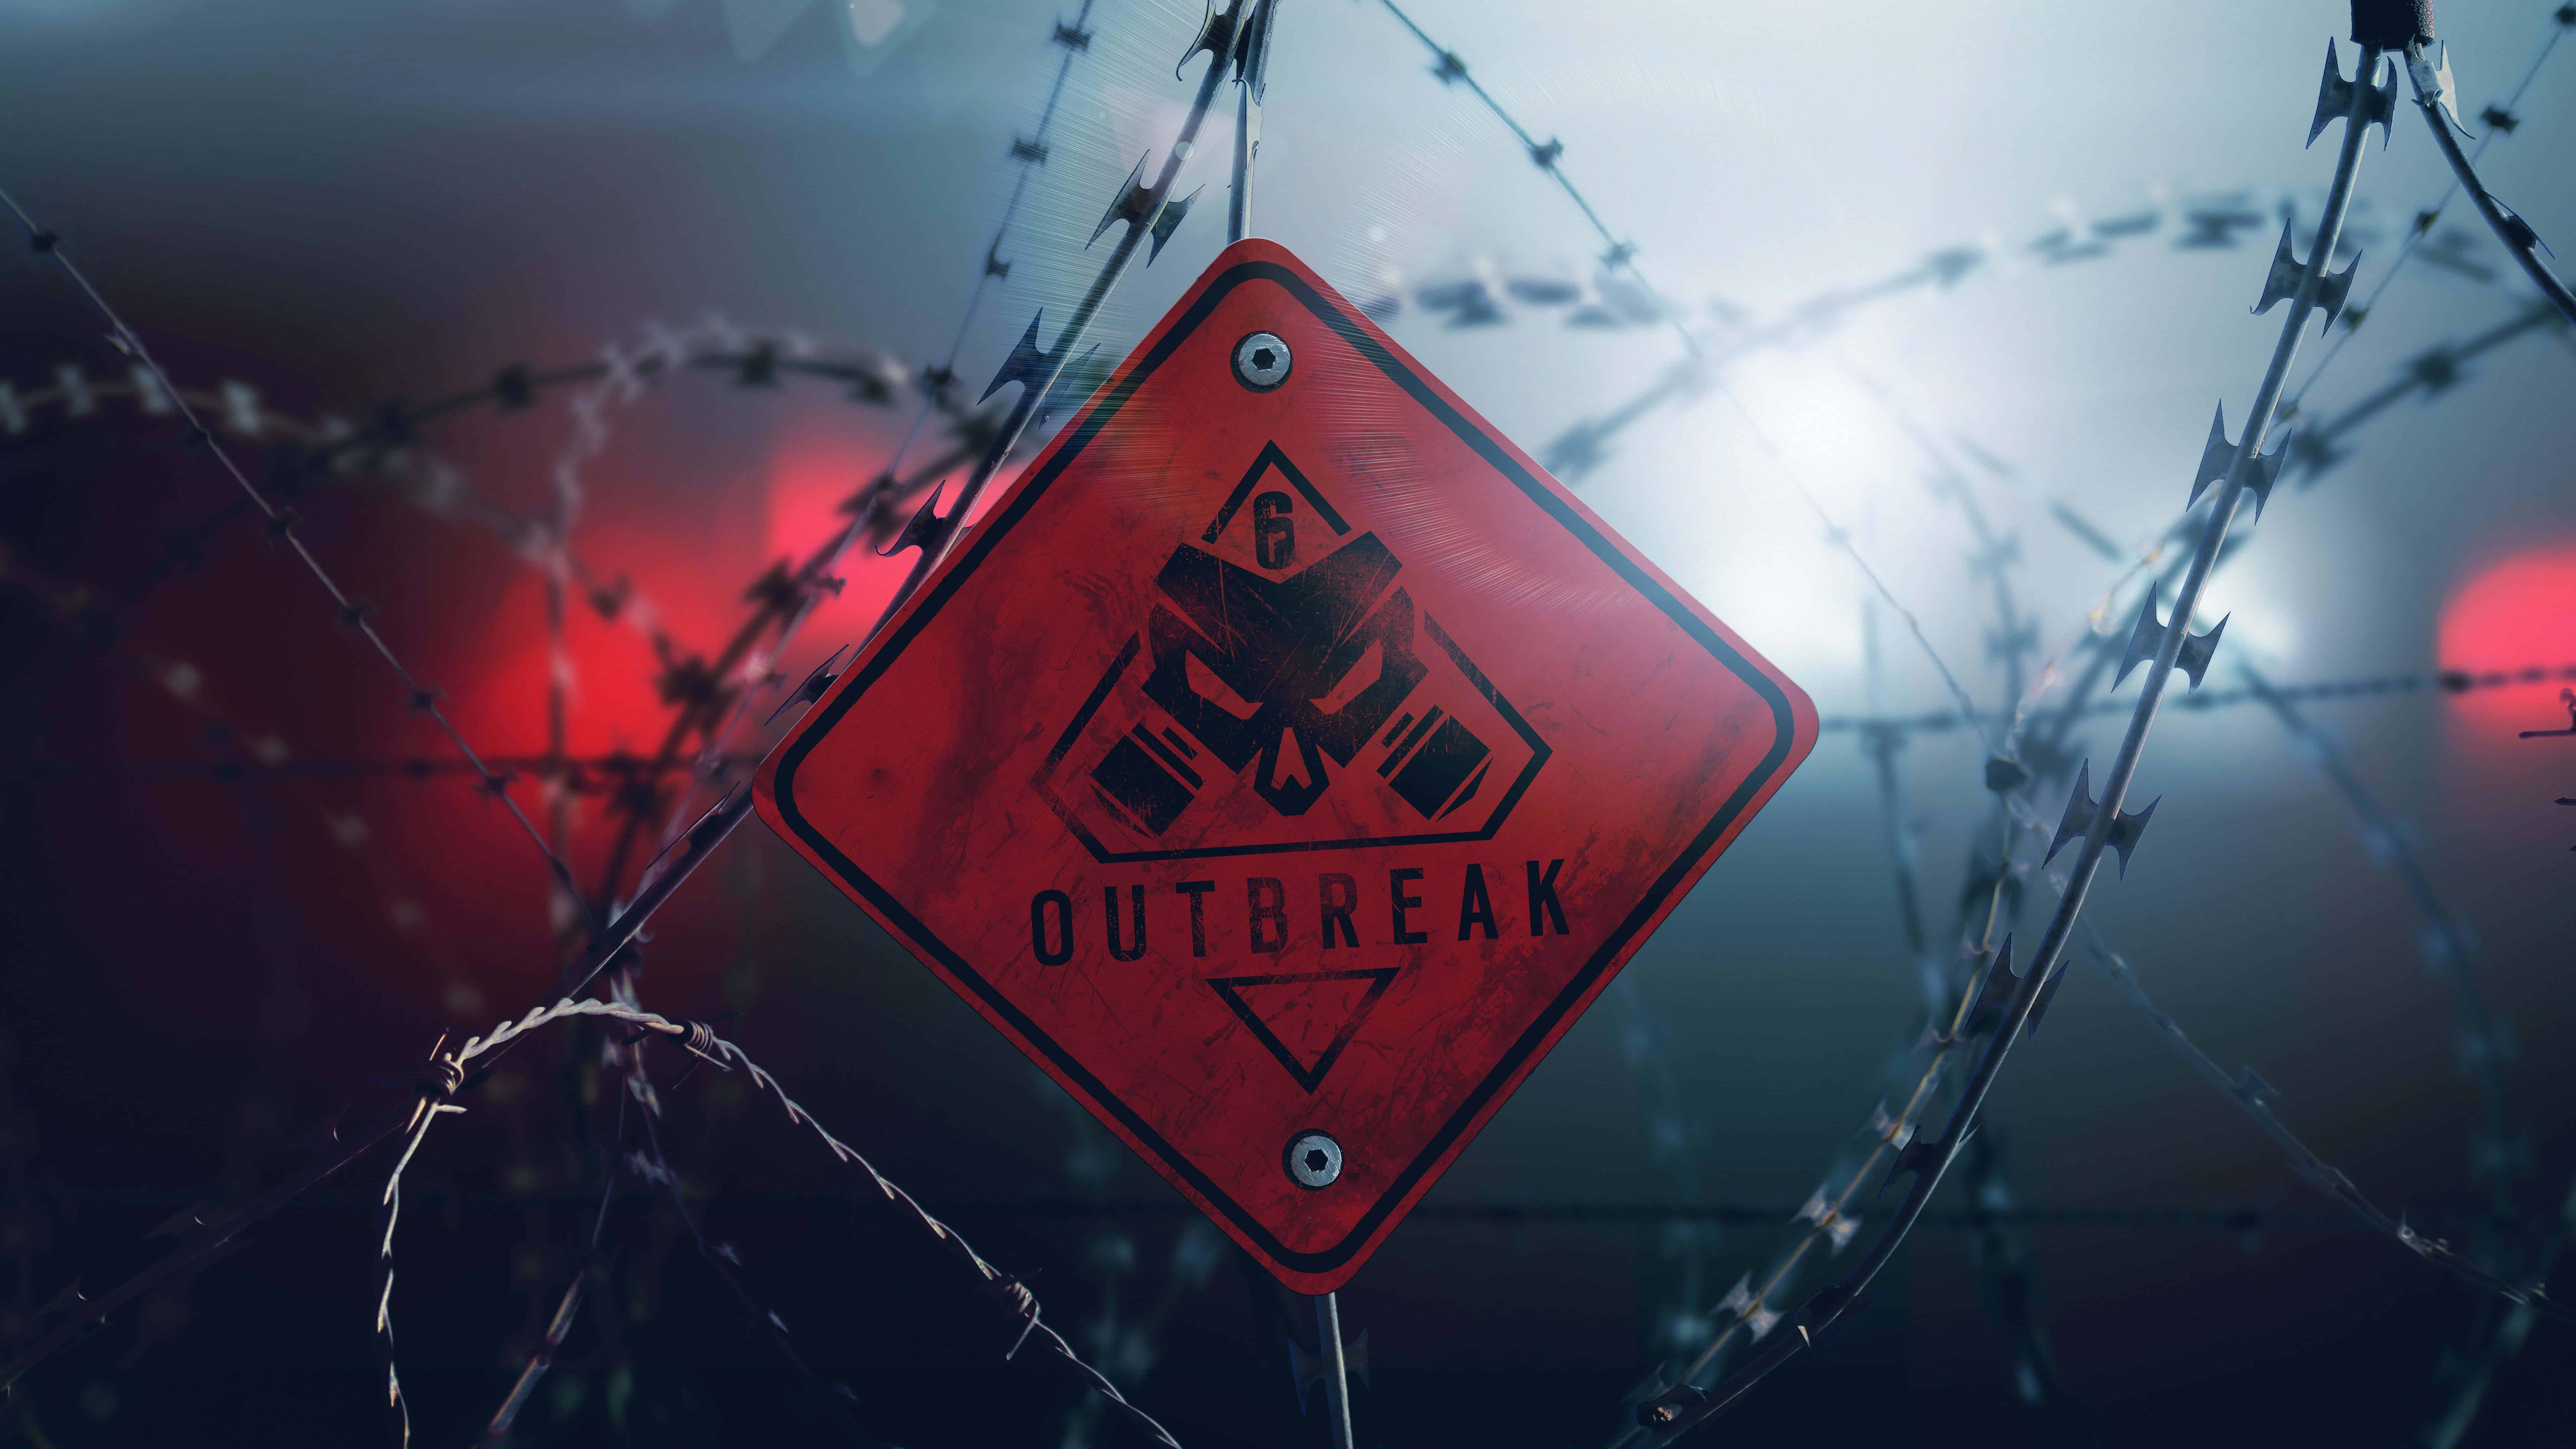 Ultra Hd Wallpapers Cars Rainbow Six Siege Outbreak Uhd 8k Wallpaper Pixelz